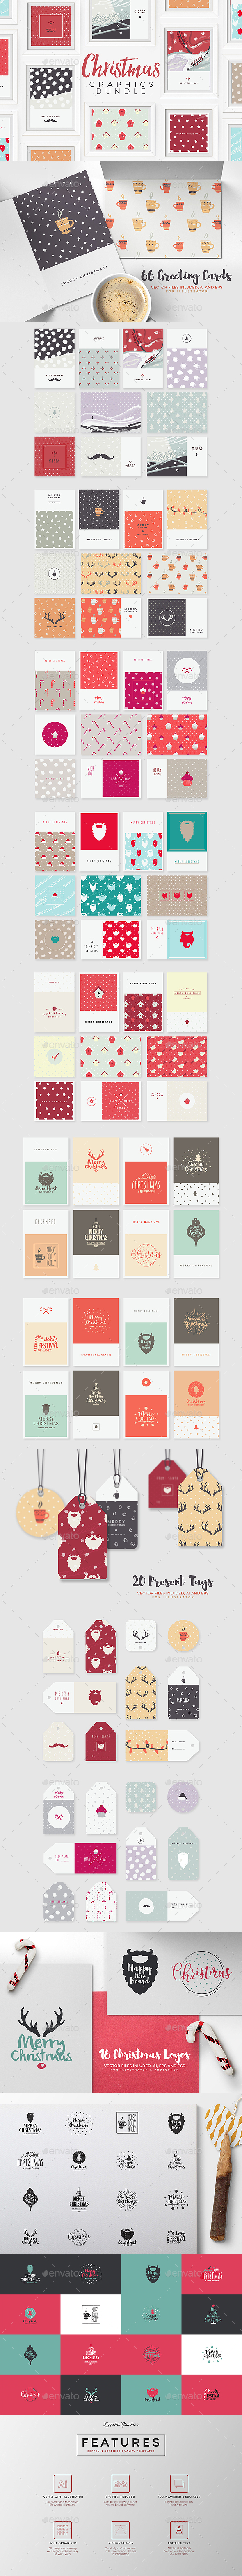 Christmas Graphics Pack - Christmas Seasons/Holidays